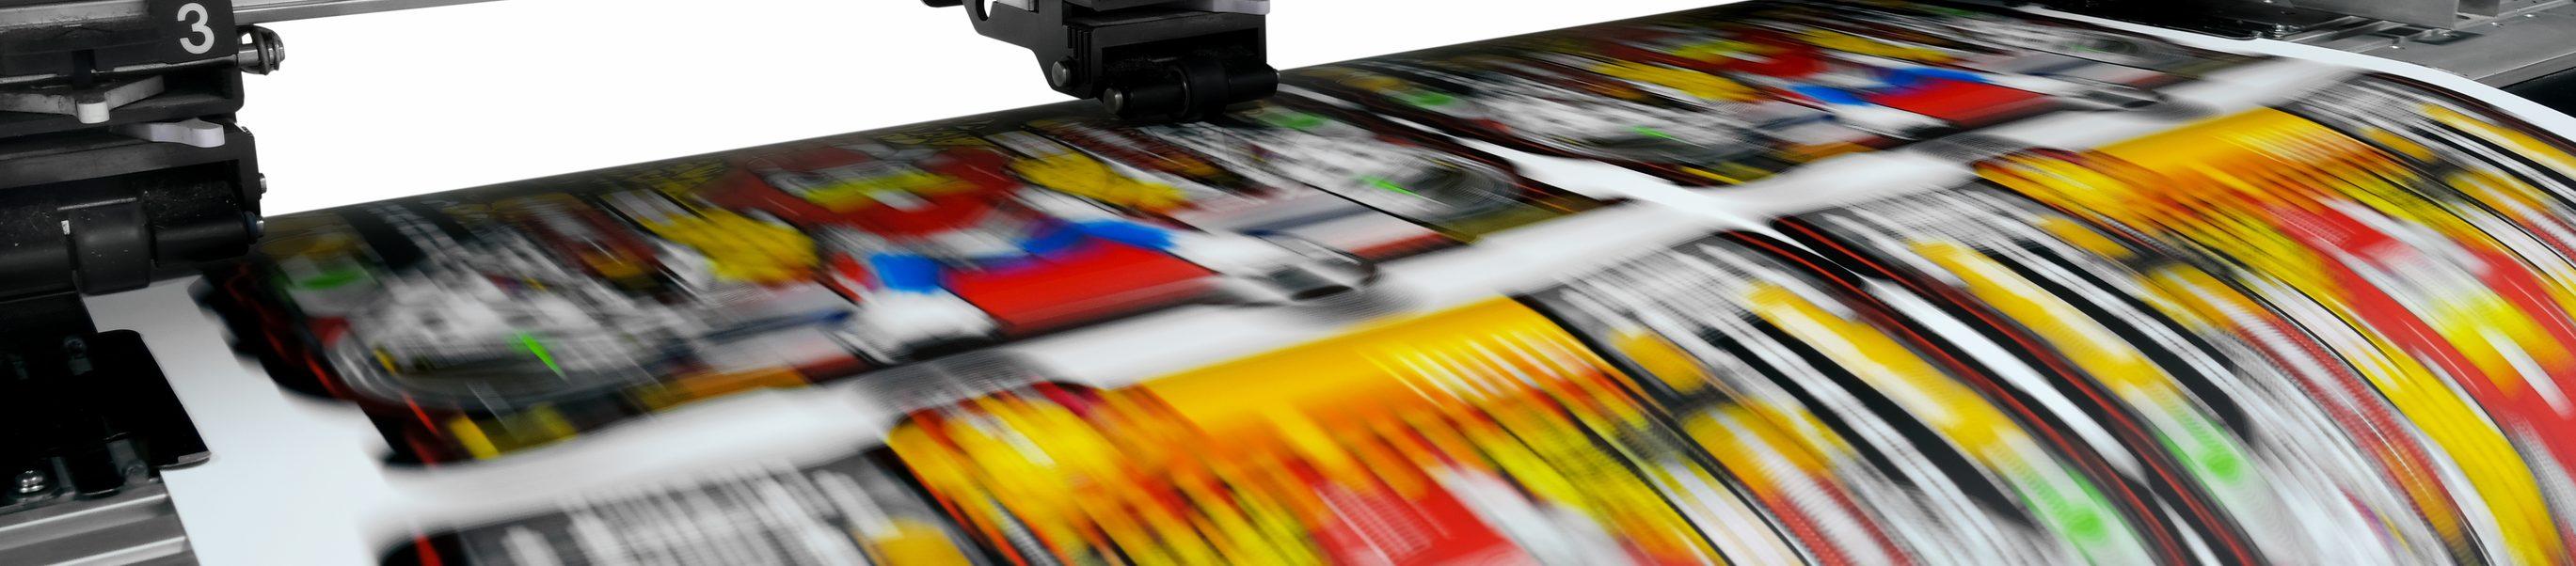 Large Format Printing 1